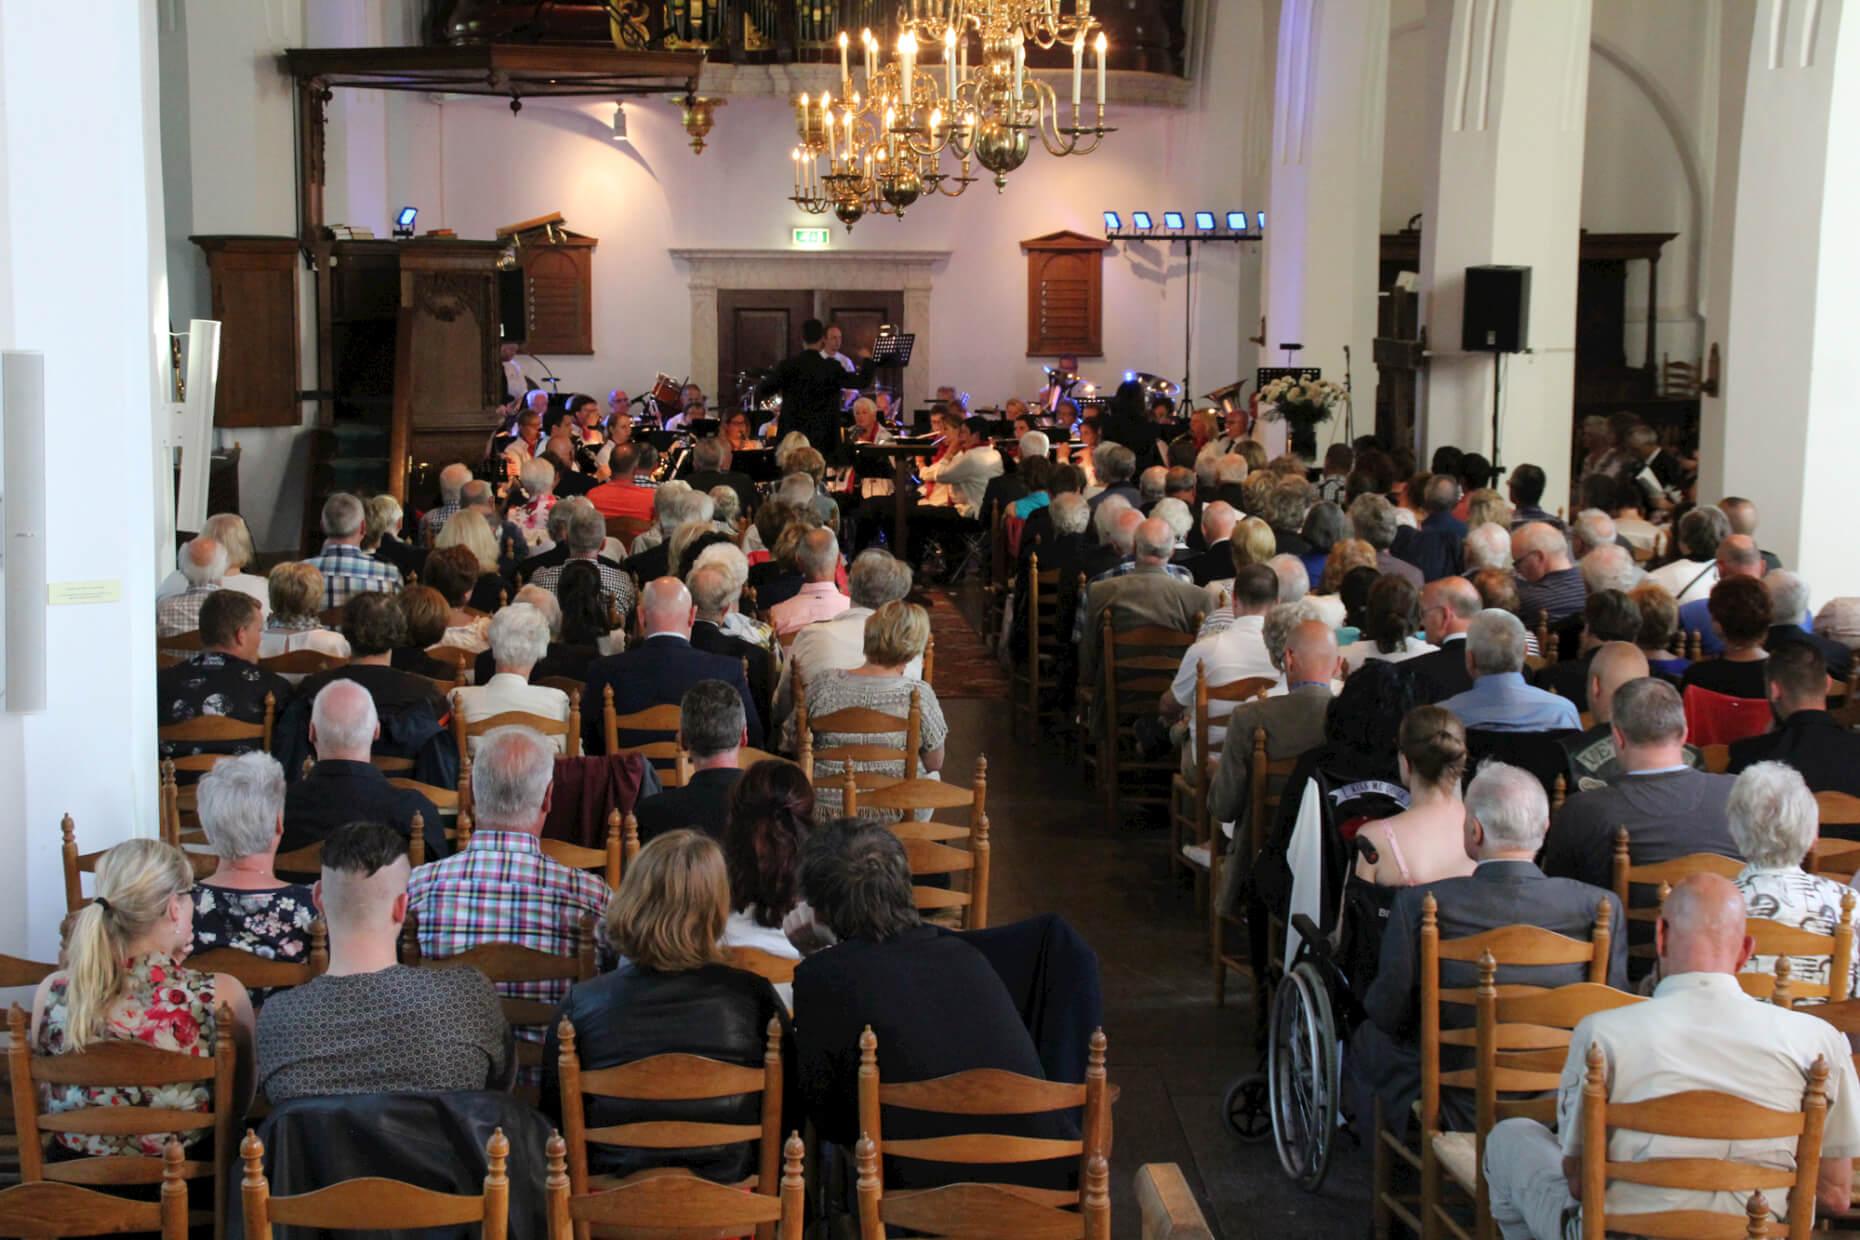 Veteranenconcert dorpskerk Katwijk